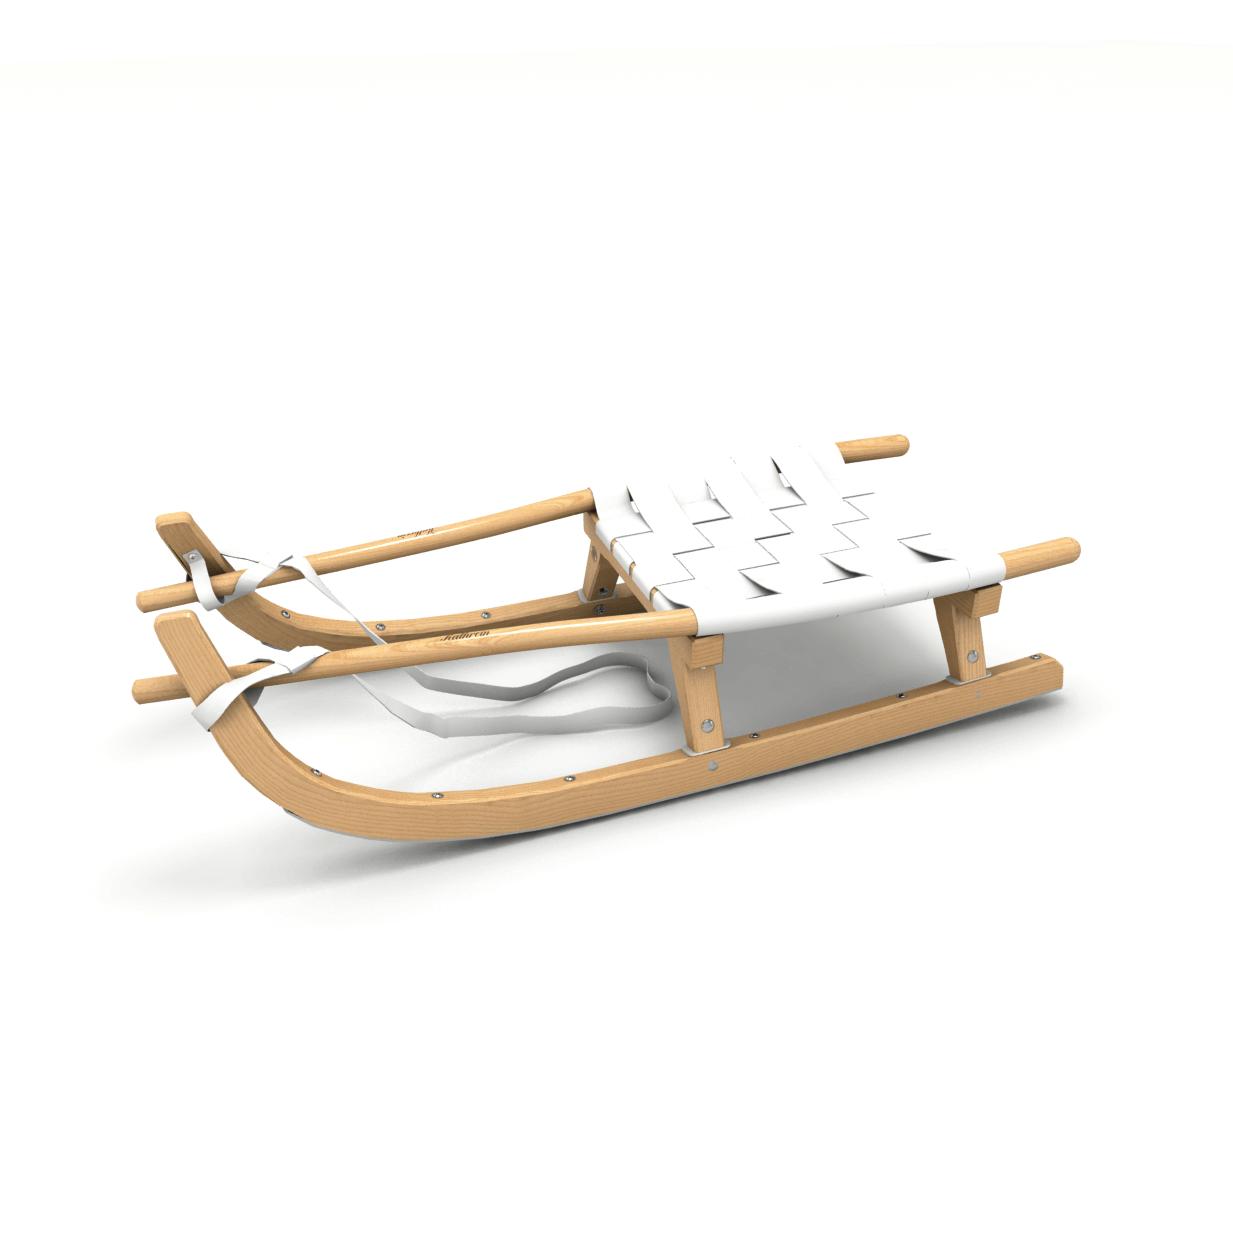 tourenrodel einsitzer mit gurtsitz f r 1 person kathrein rodel direkt vom hersteller. Black Bedroom Furniture Sets. Home Design Ideas